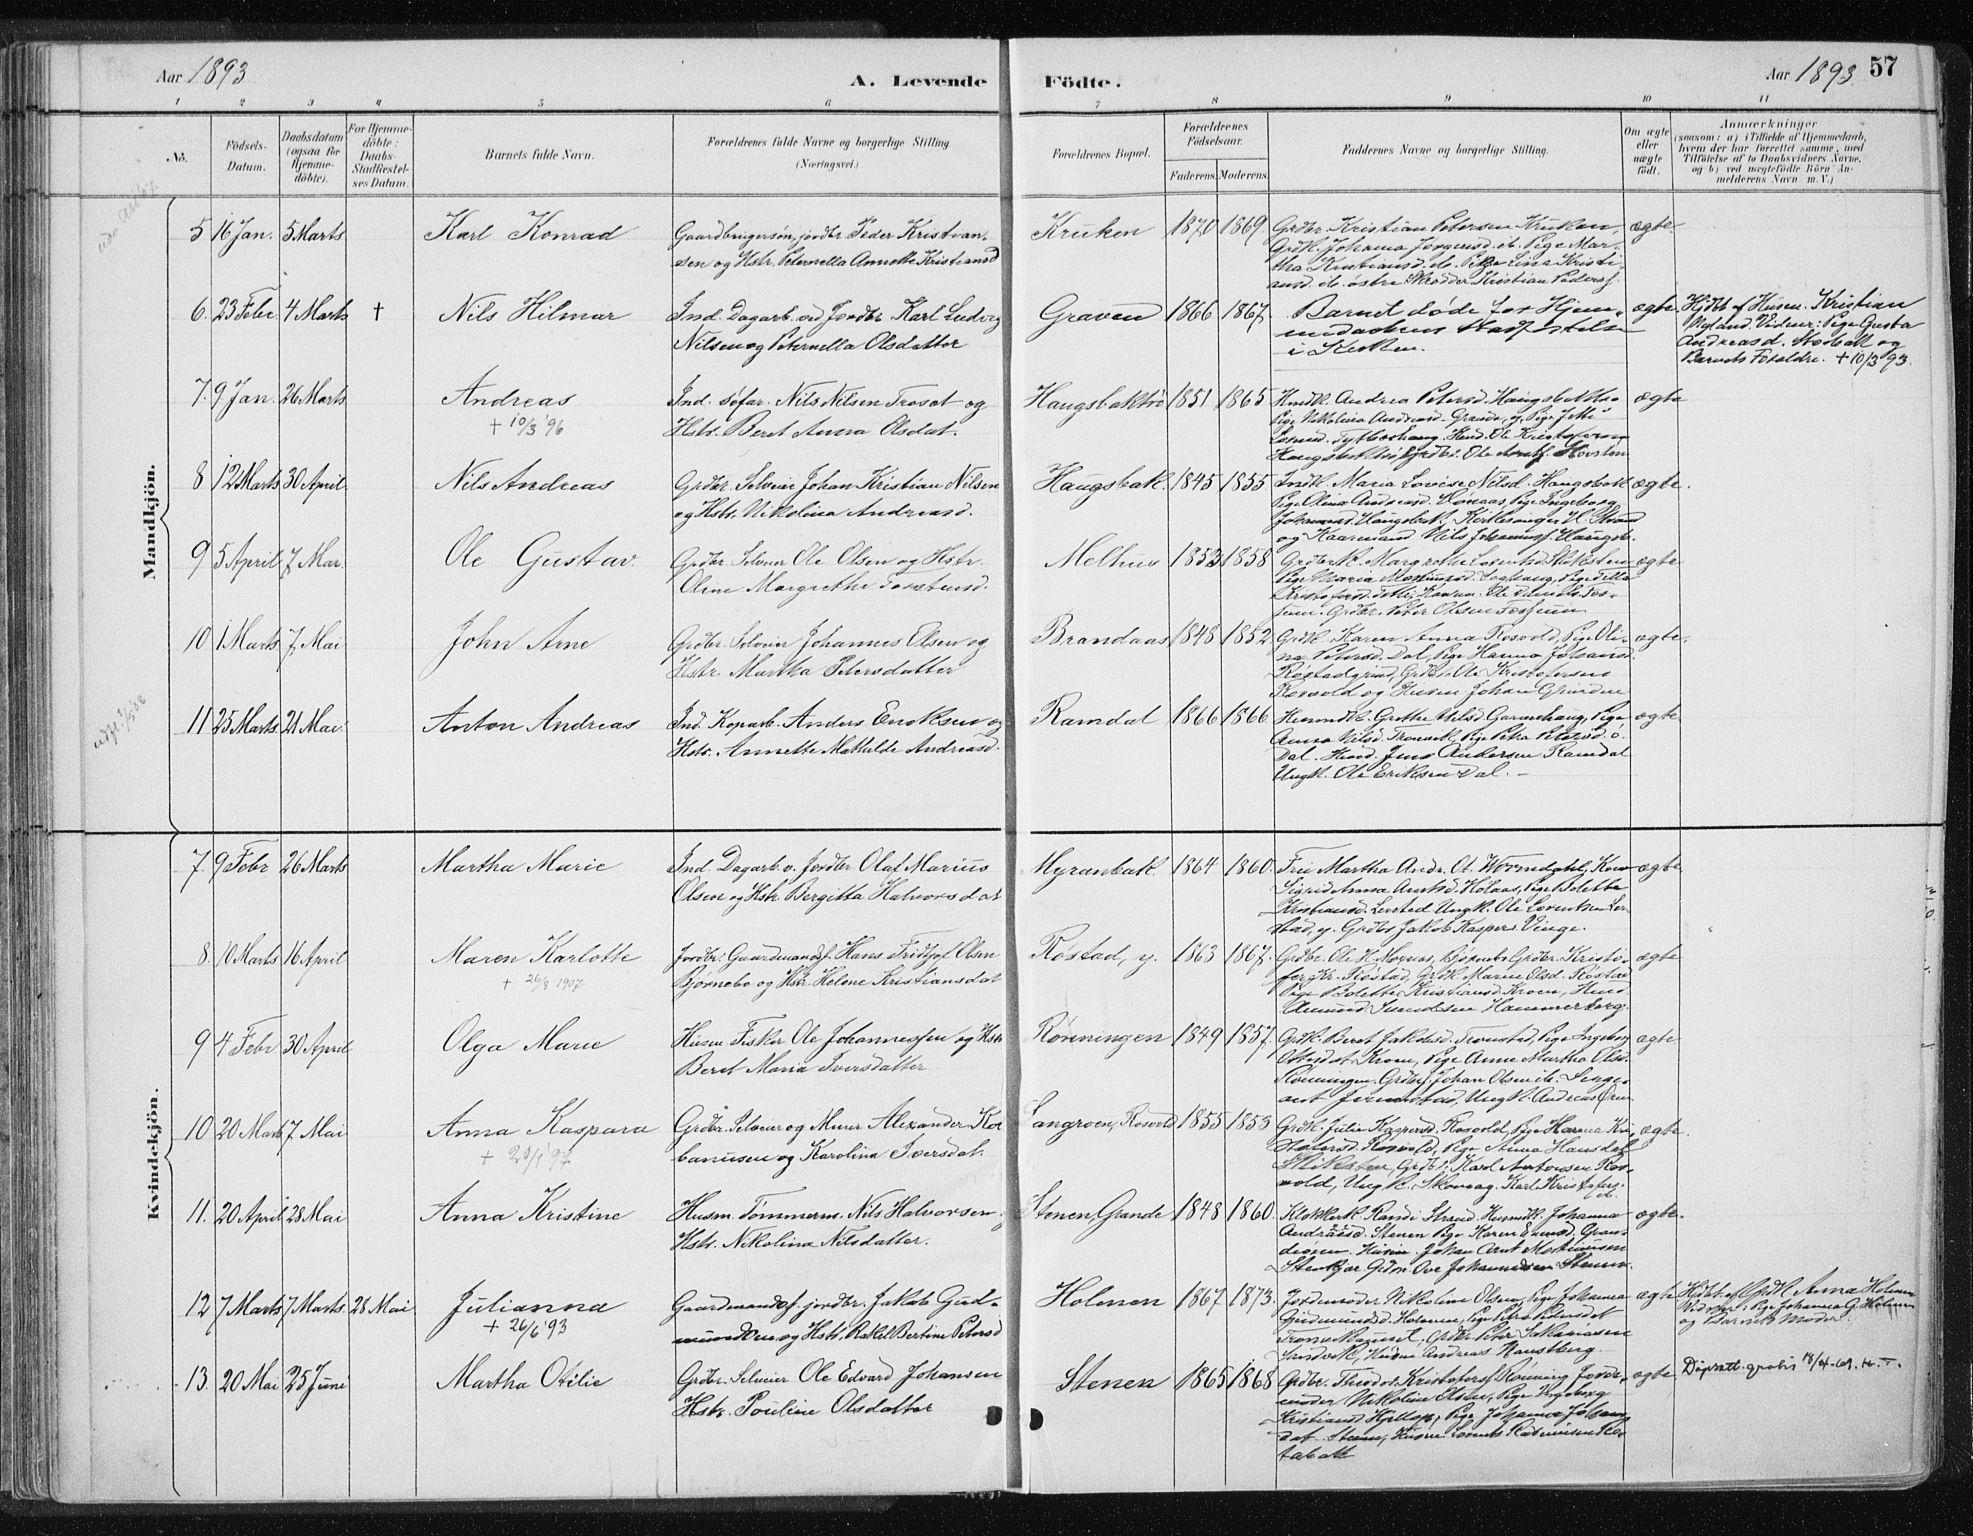 SAT, Ministerialprotokoller, klokkerbøker og fødselsregistre - Nord-Trøndelag, 701/L0010: Ministerialbok nr. 701A10, 1883-1899, s. 57